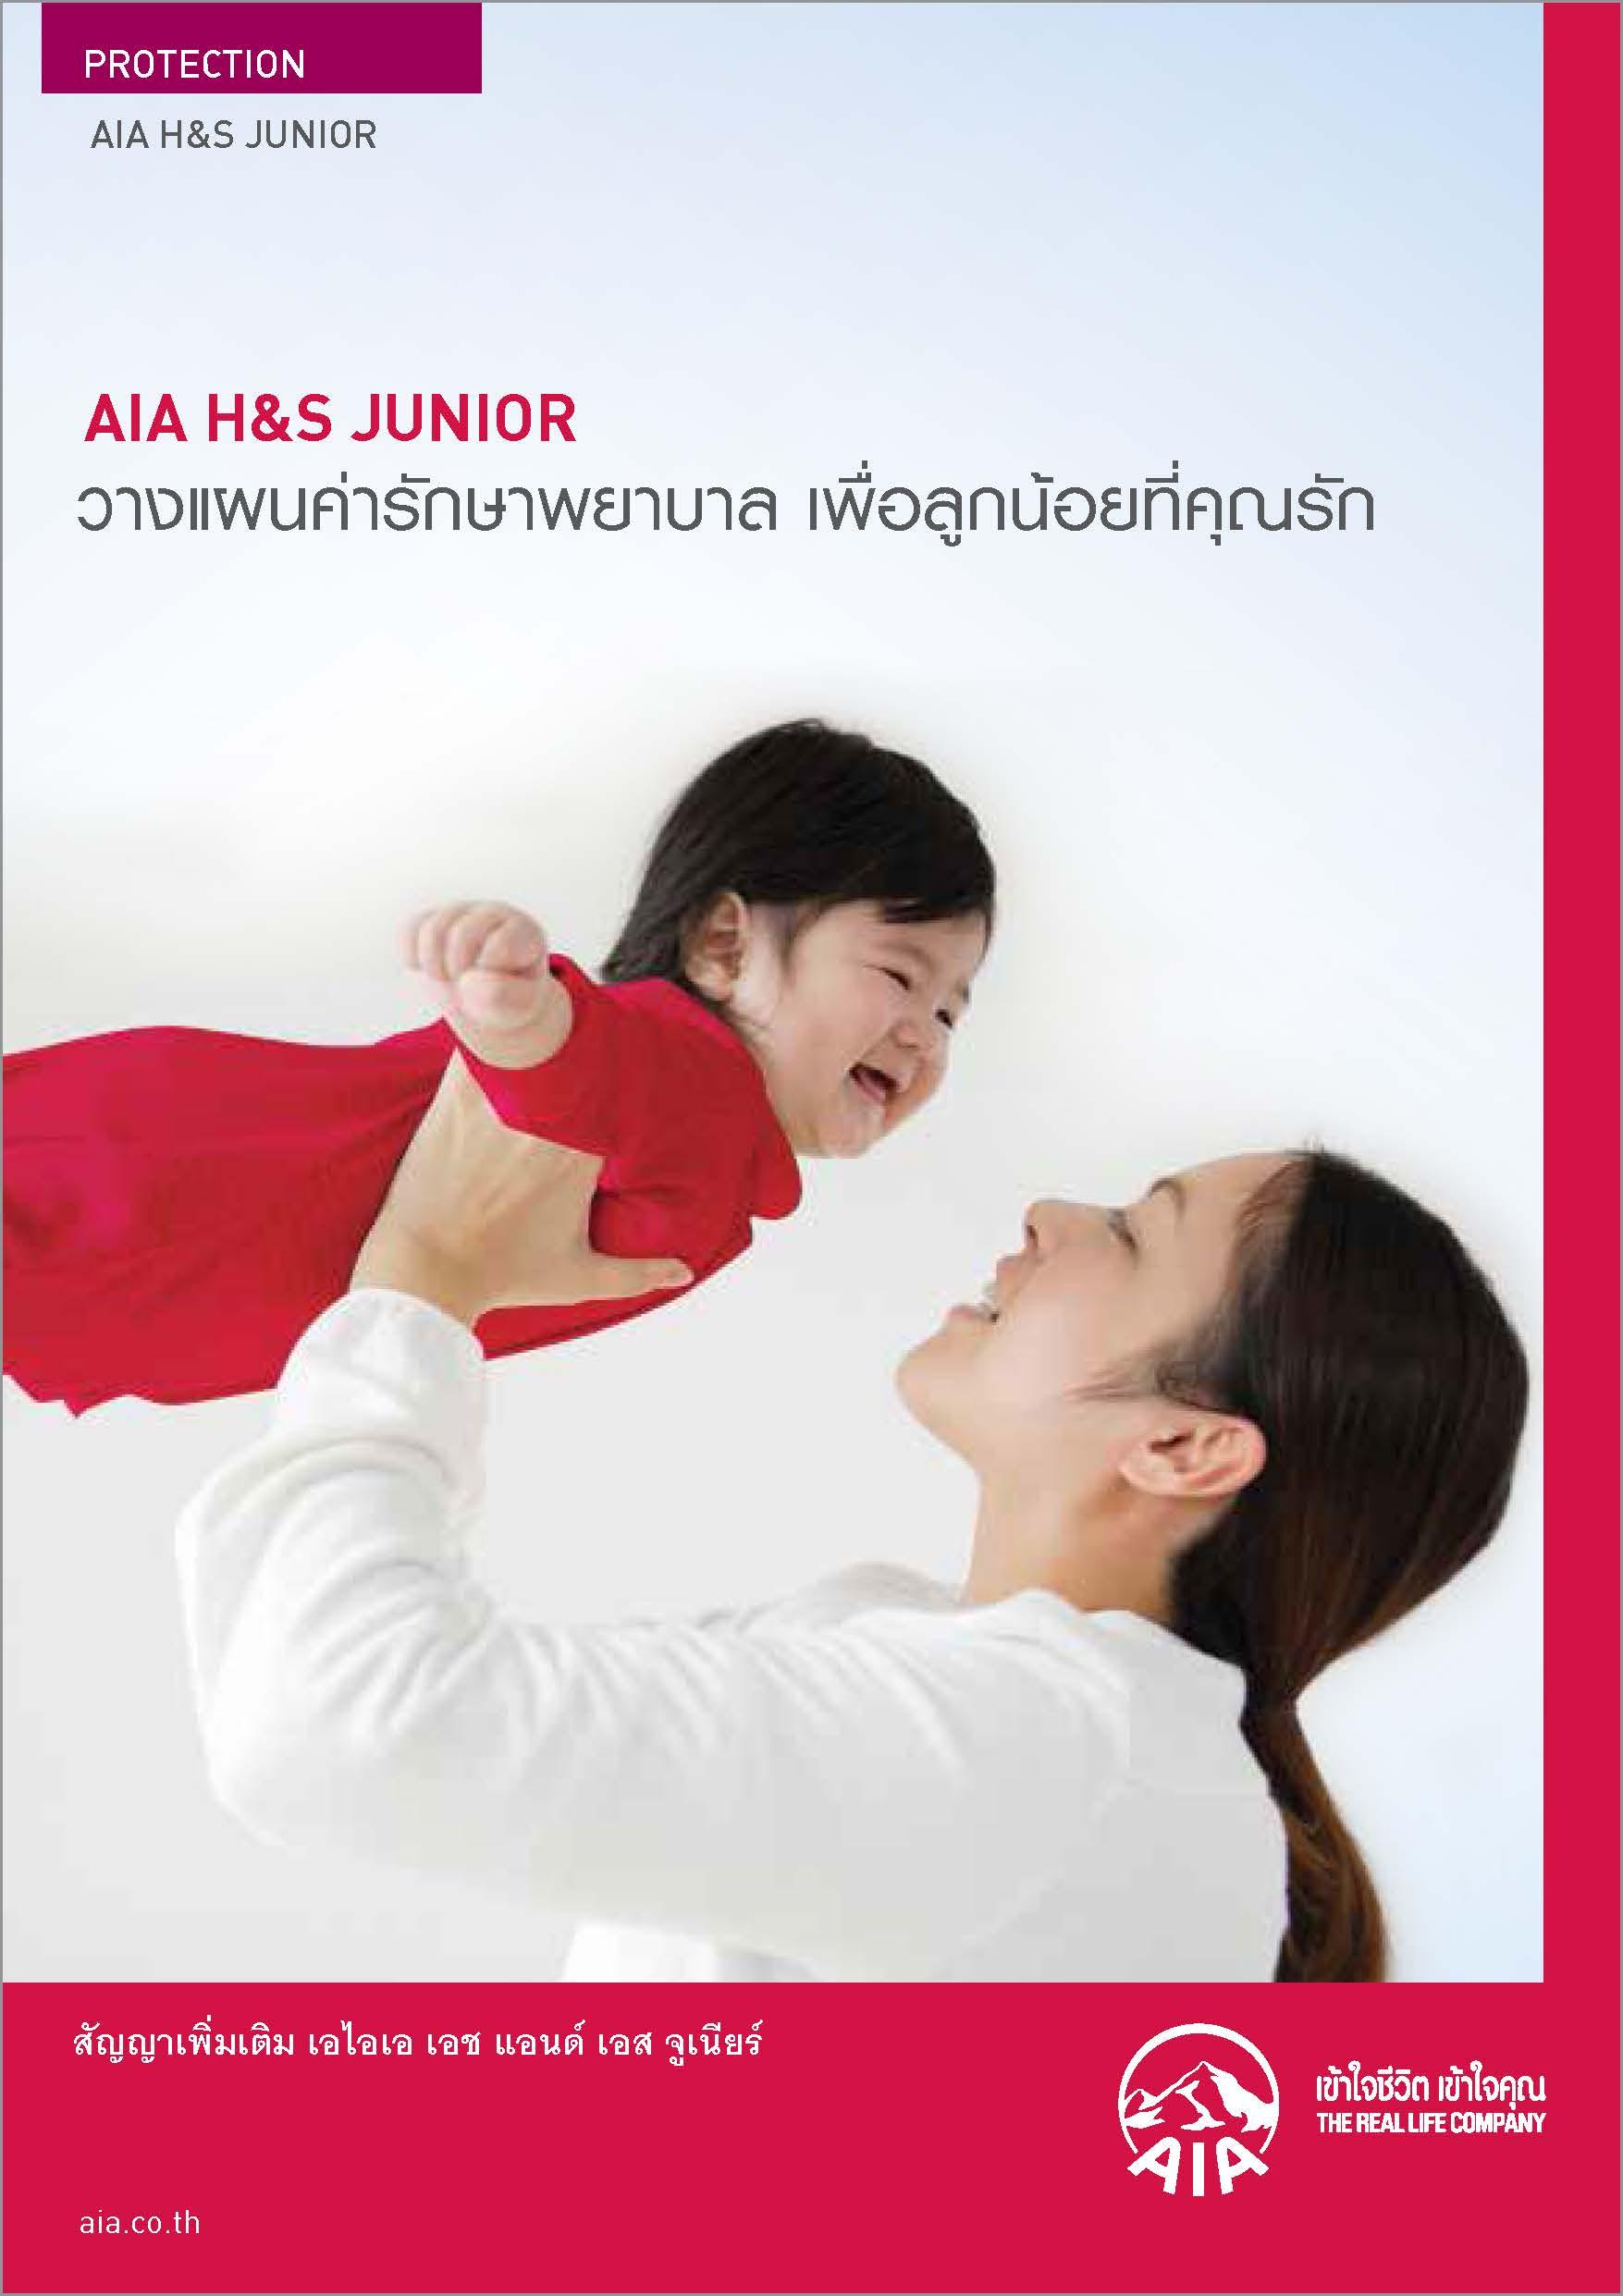 AIA H&S Junior ประกันเด็กเหมาจ่าย